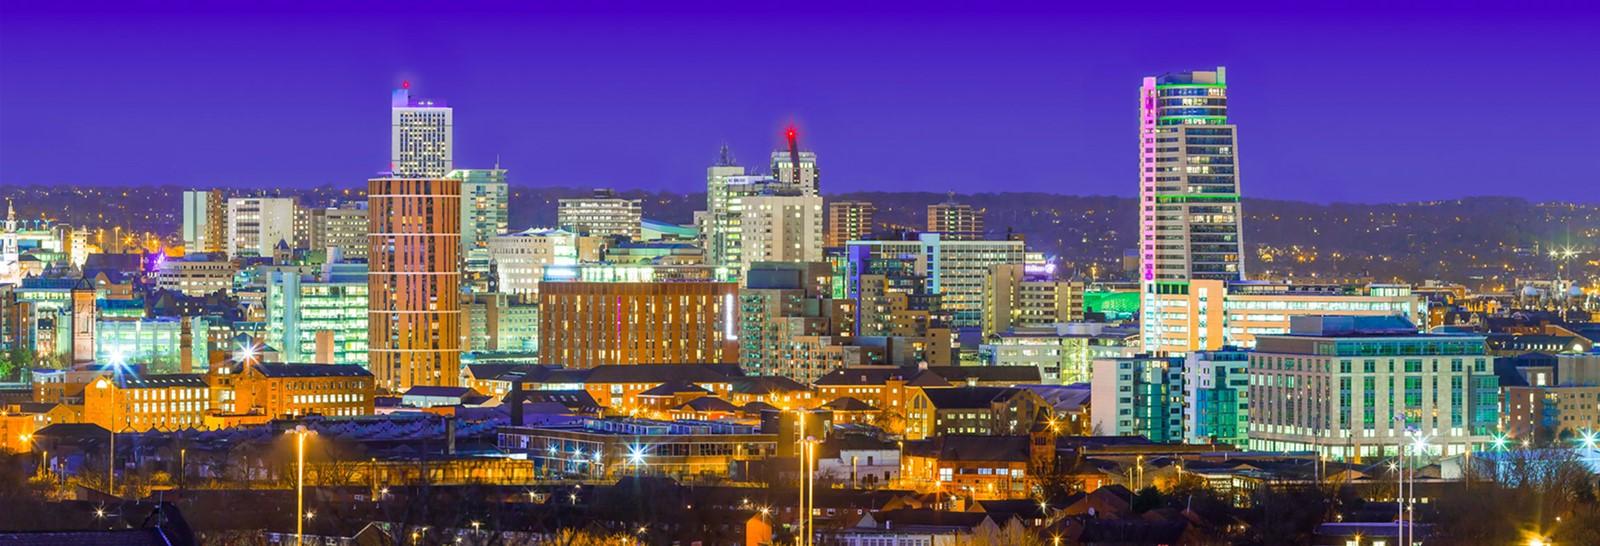 Leeds at night